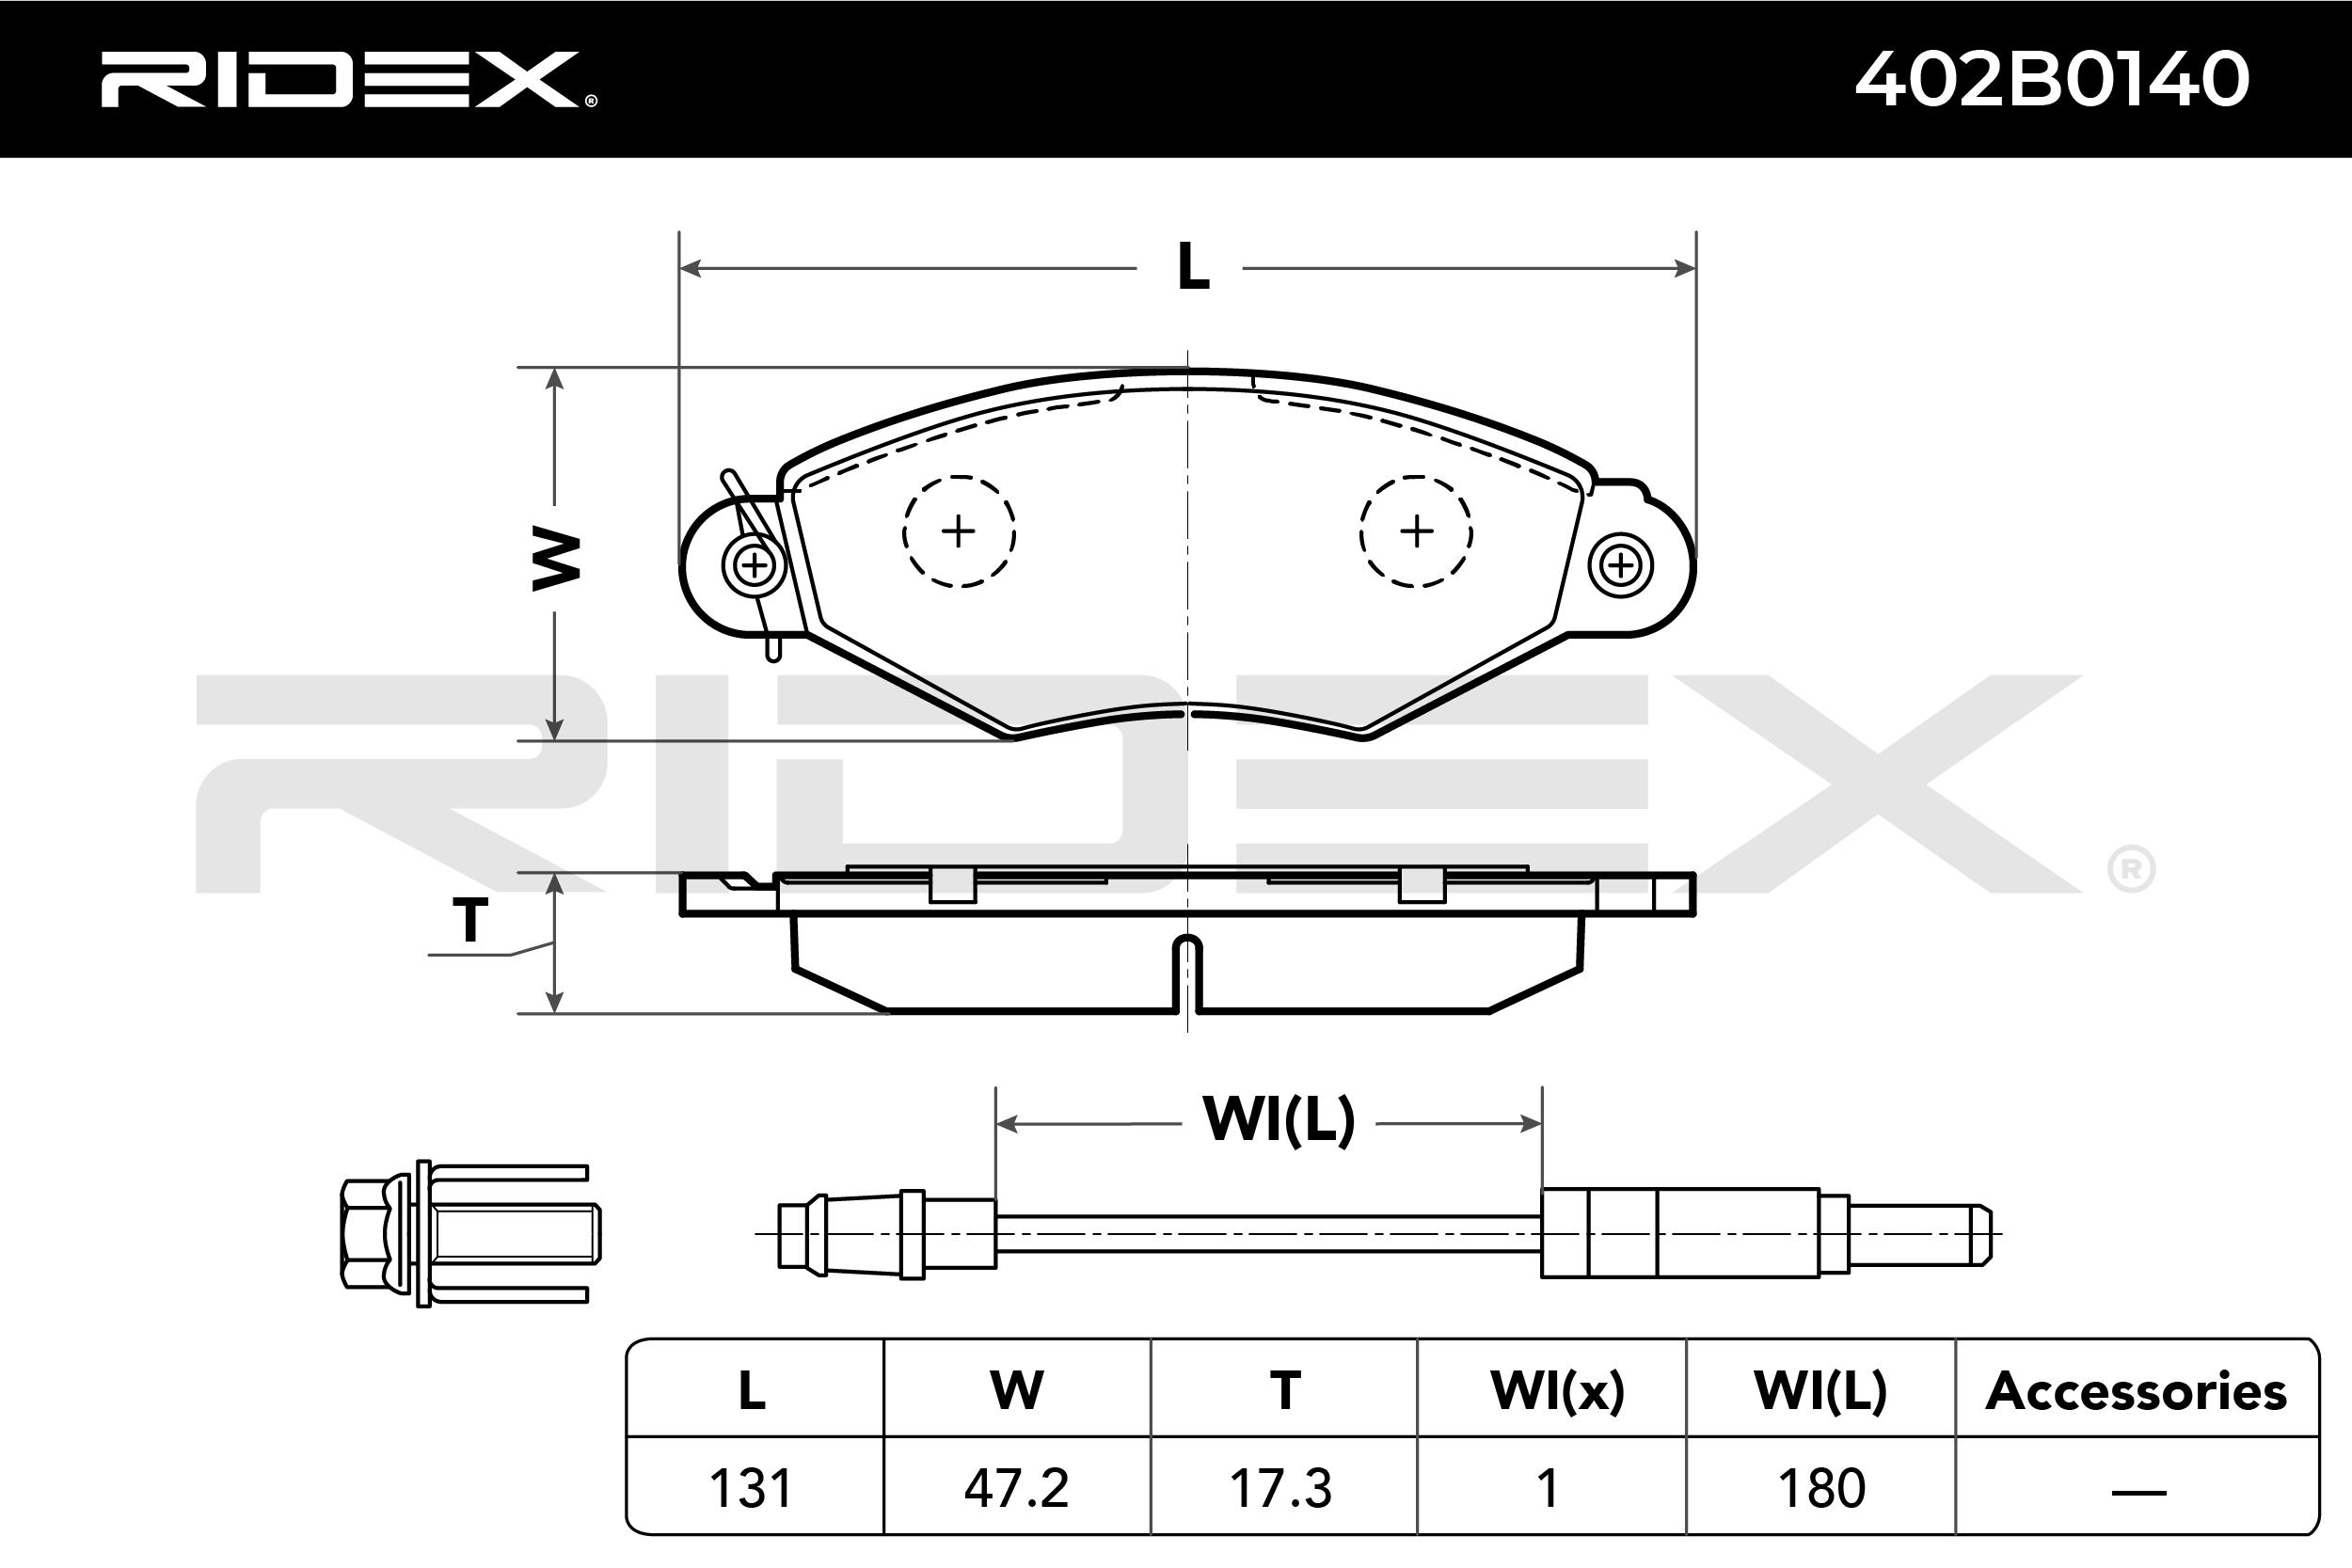 RIDEX Art. Nr 402B0140 günstig